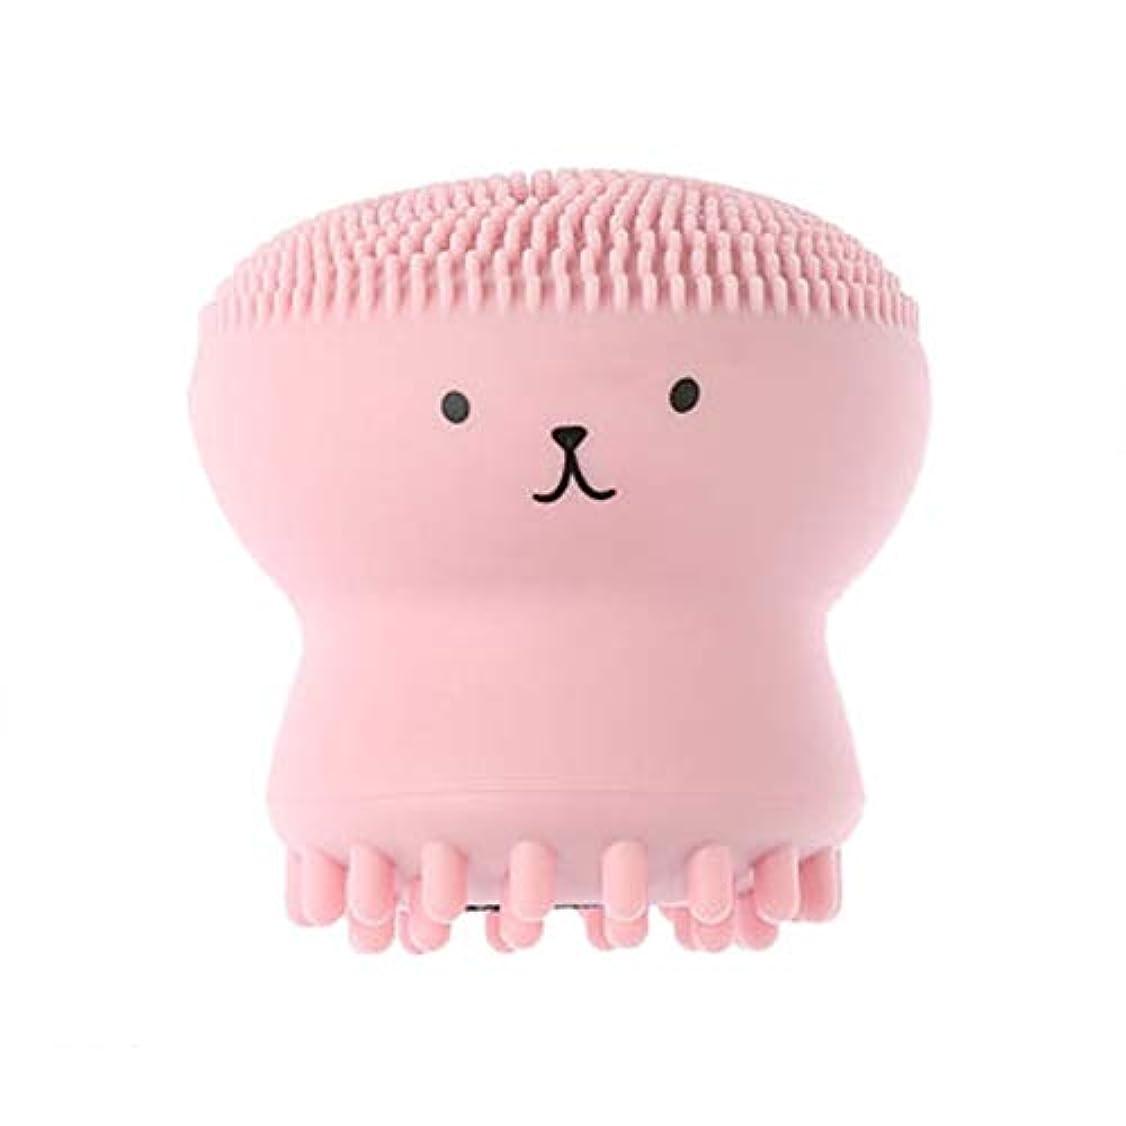 私たち誇大妄想処理する小さなタコウォッシュブラシ、シリコーンにブラックヘッドエクスフォリエイティング毛穴クレンジングブラシクレンジングブラシマッサージ洗顔アーティファクトポータブル、4本